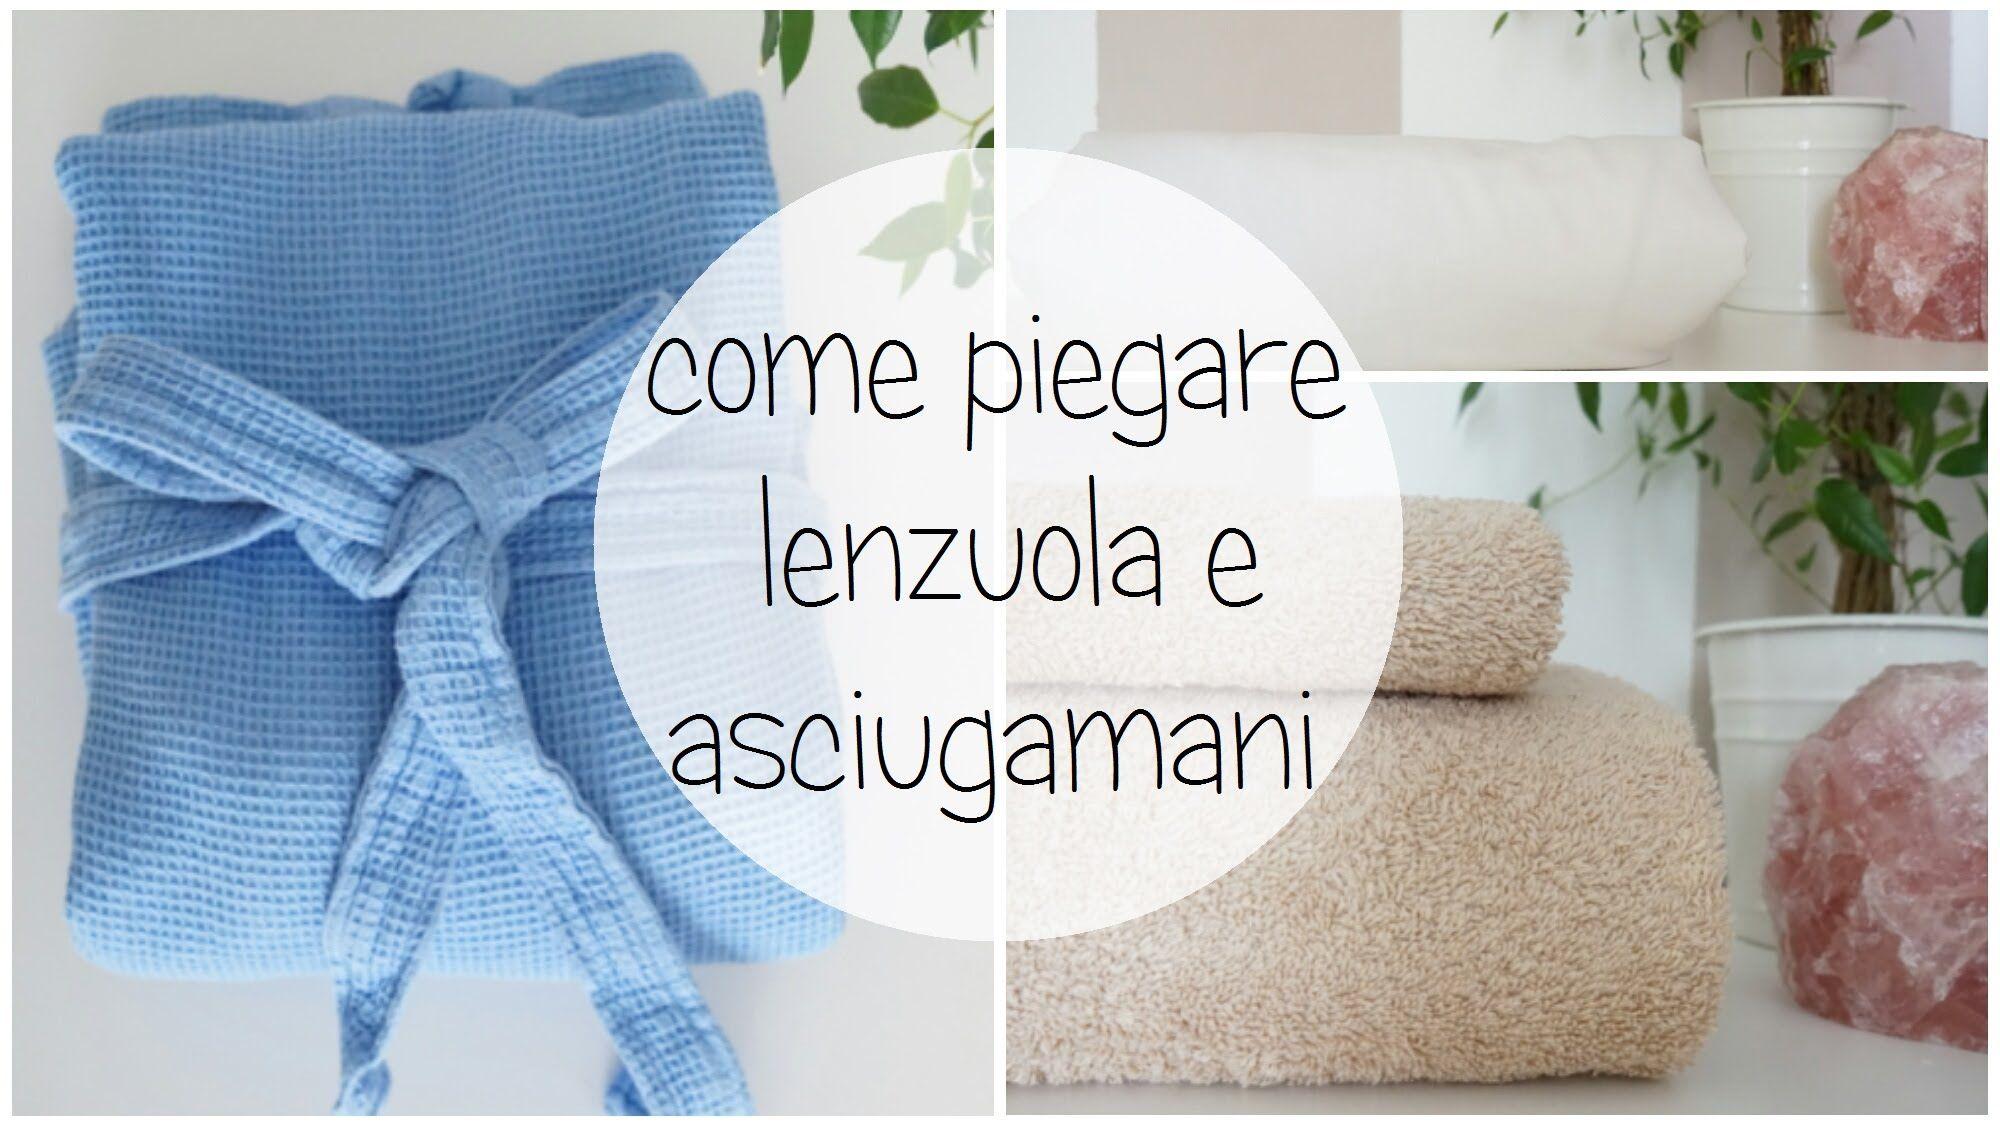 Come Piegare Gli Asciugamani In Albergo : Come piego lenzuola e asciugamani organizzazione casa konmari